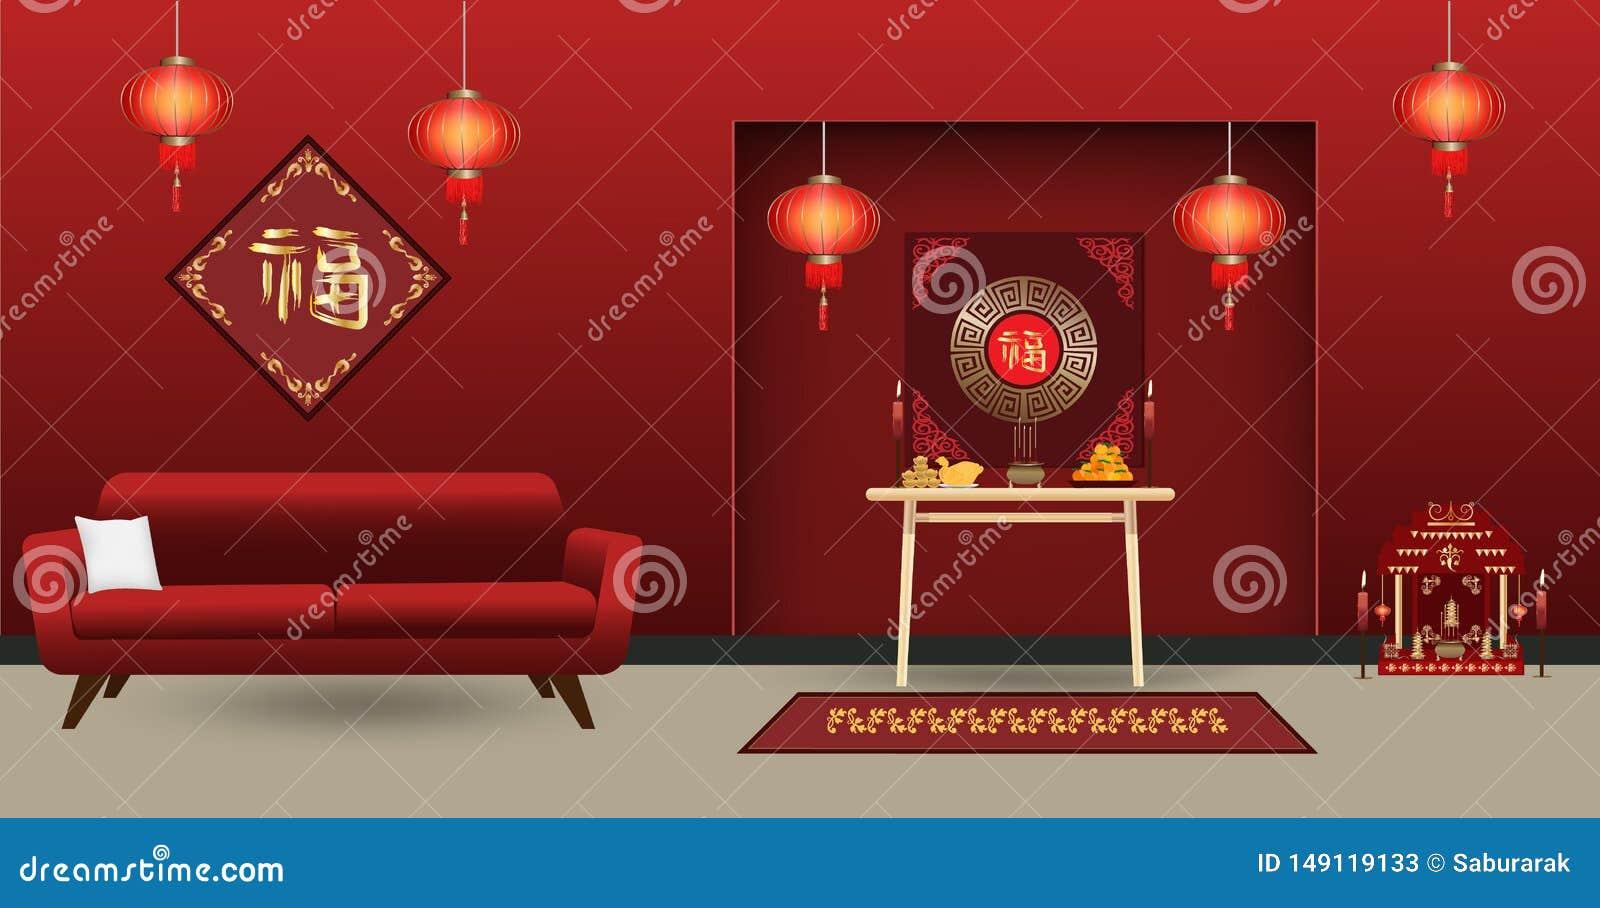 Sala de visitas chinesa do ano novo com a palavra da fortuna escrita no car?ter chin?s Ilustra??o do vetor